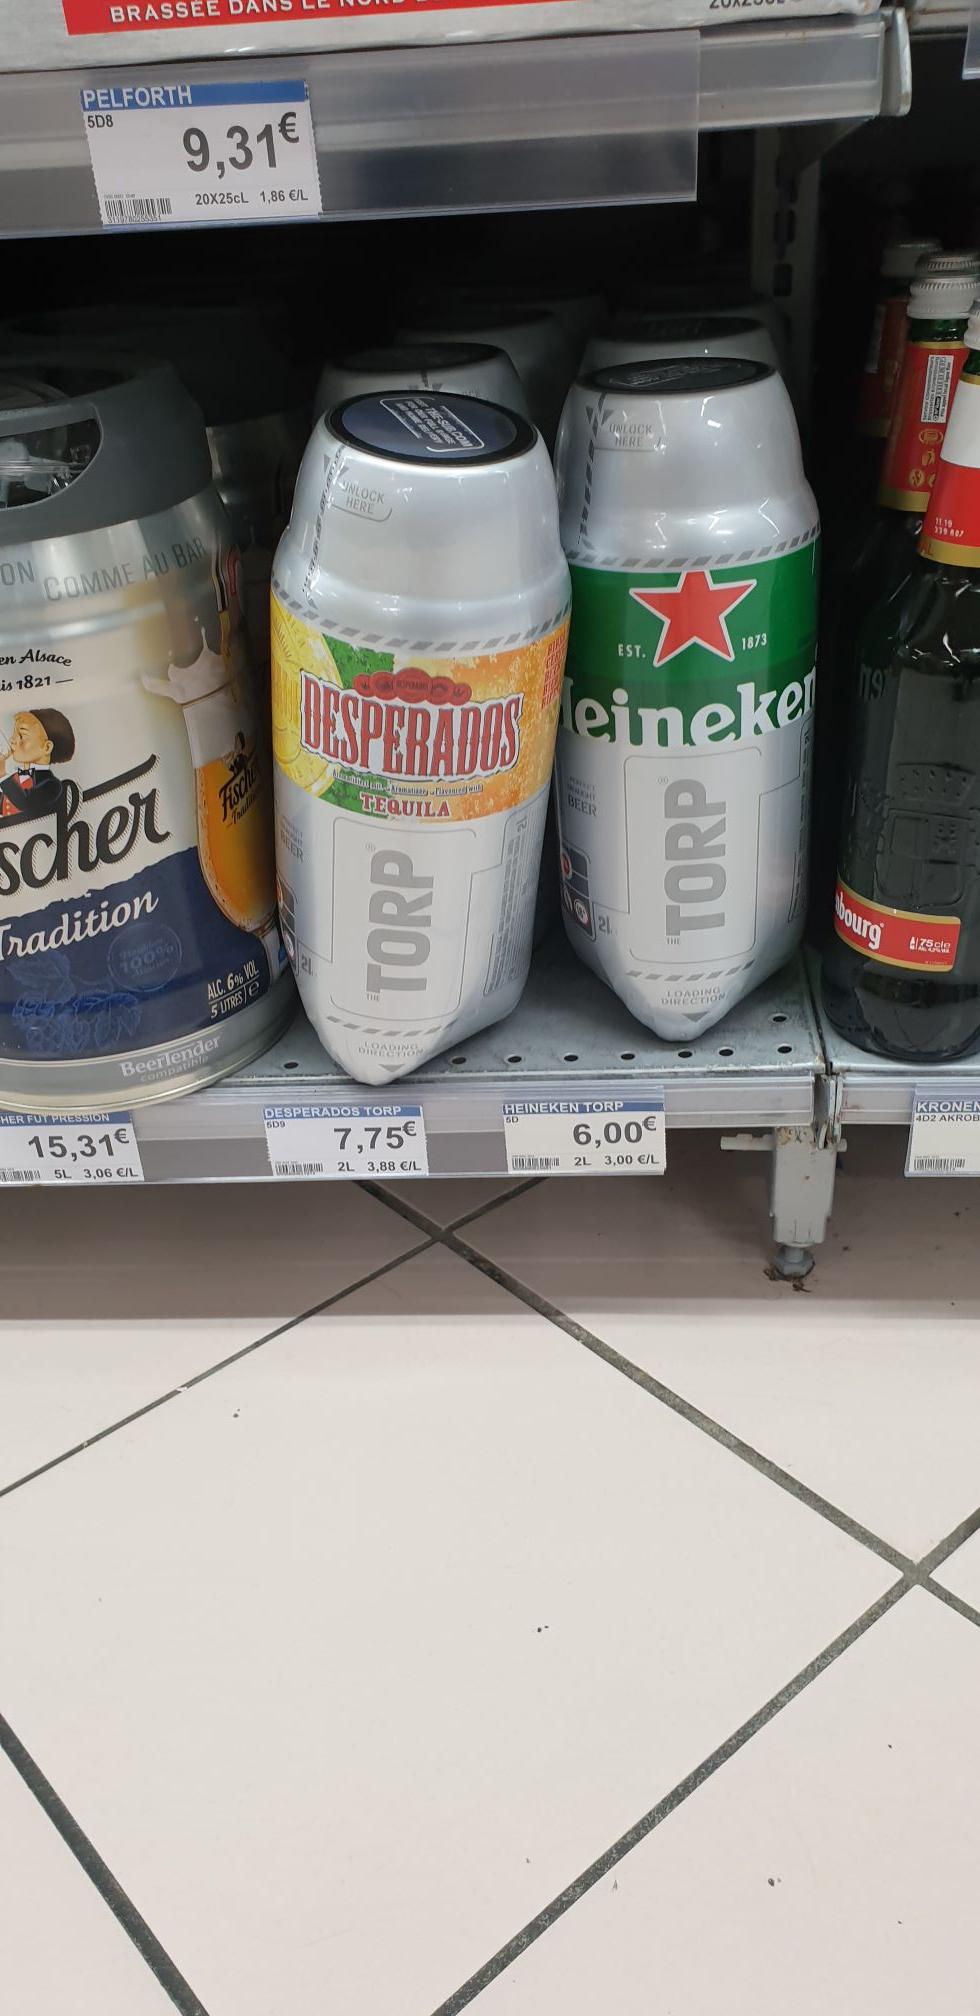 Fûts Torp Heineken 2L à 6€ et Desperados à 7.75€ - Vern sur seiche (35)